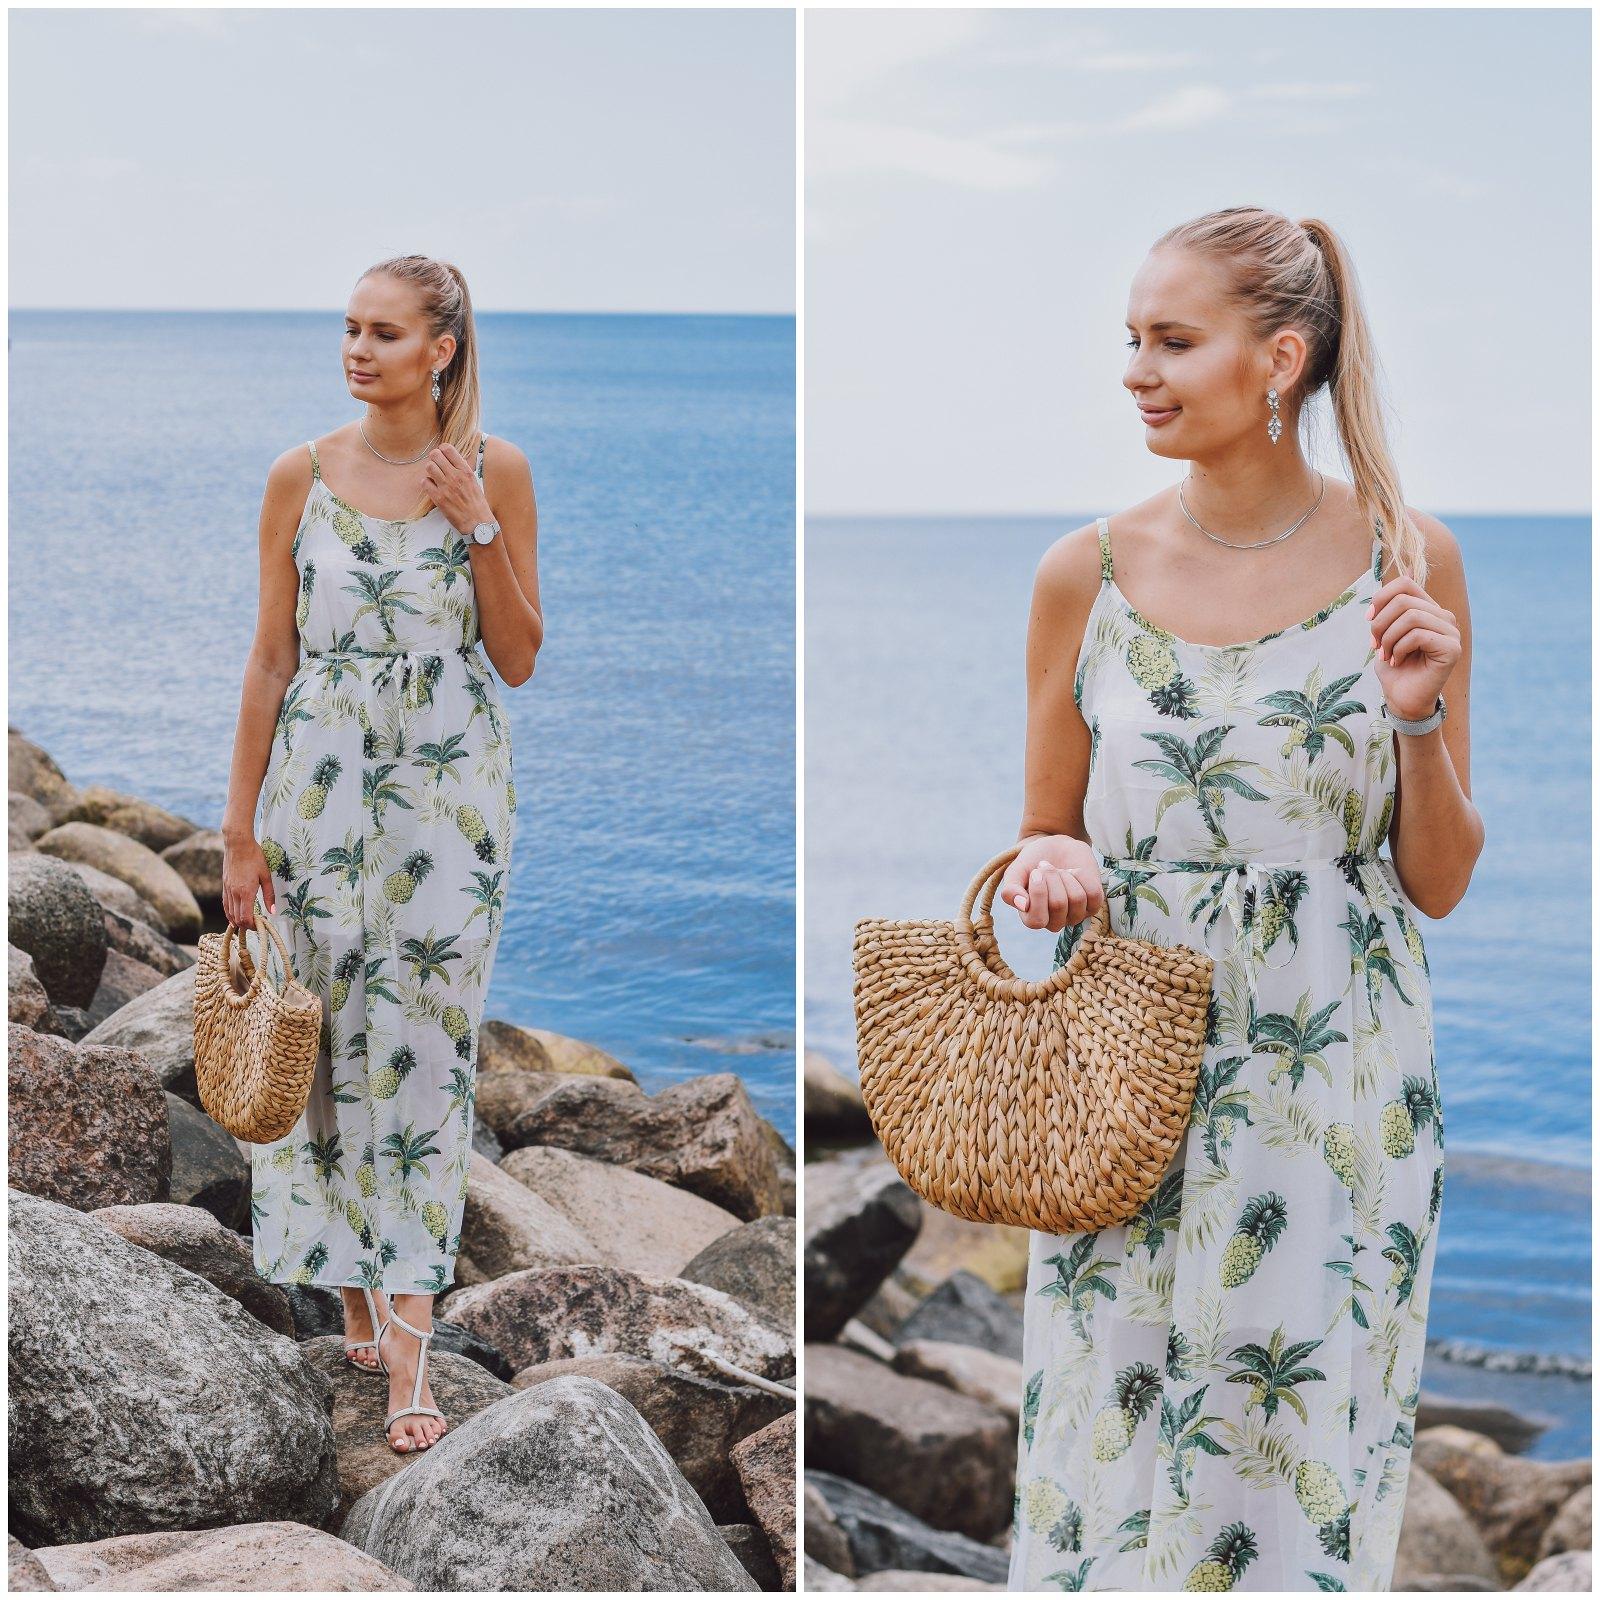 Rosegal pineapple print dress